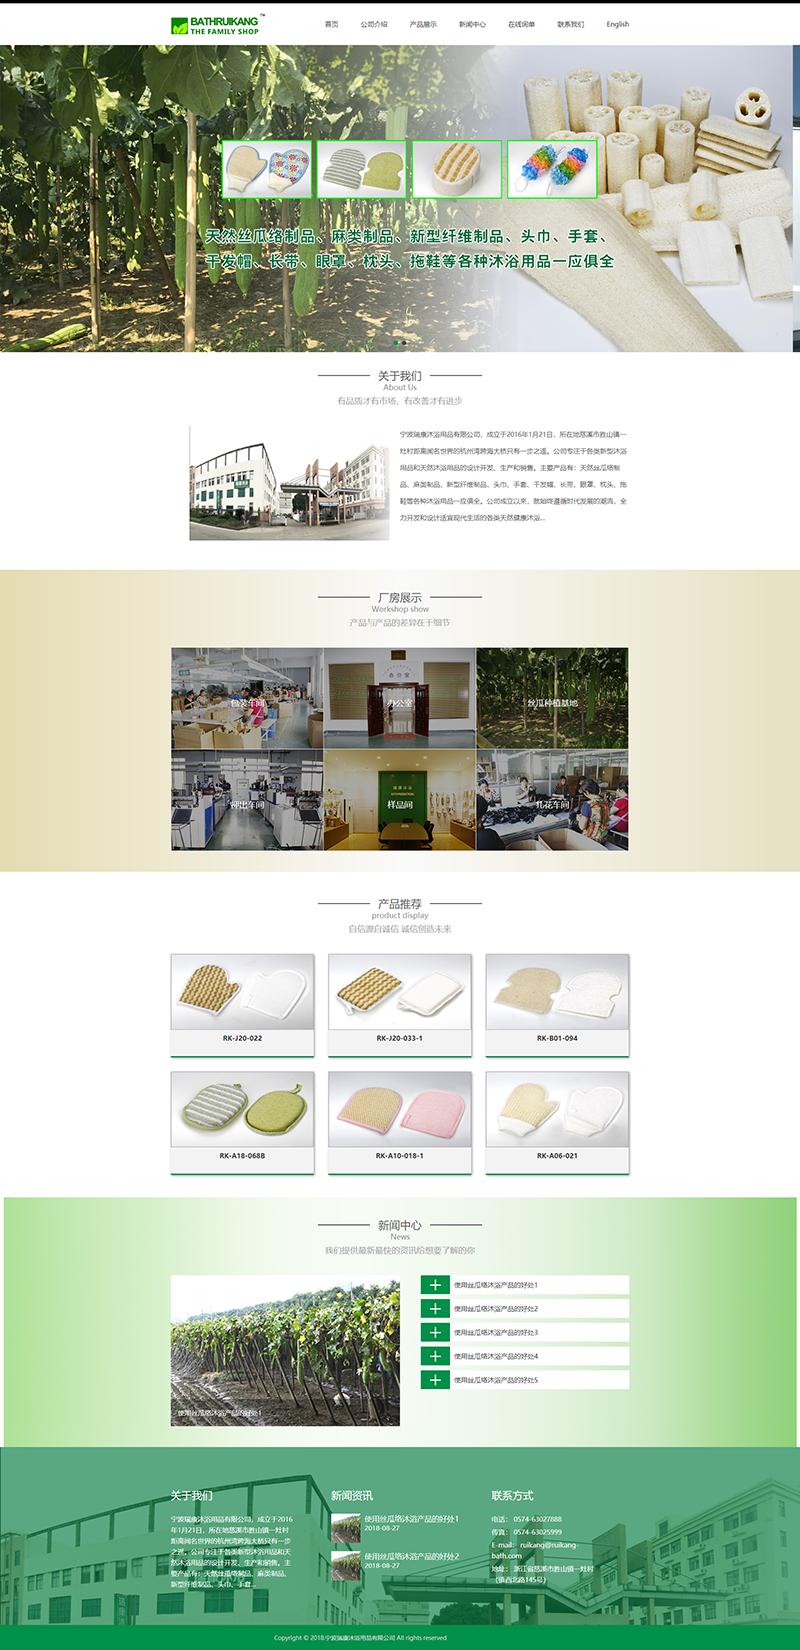 宁波瑞康沐浴用品有限公司.png